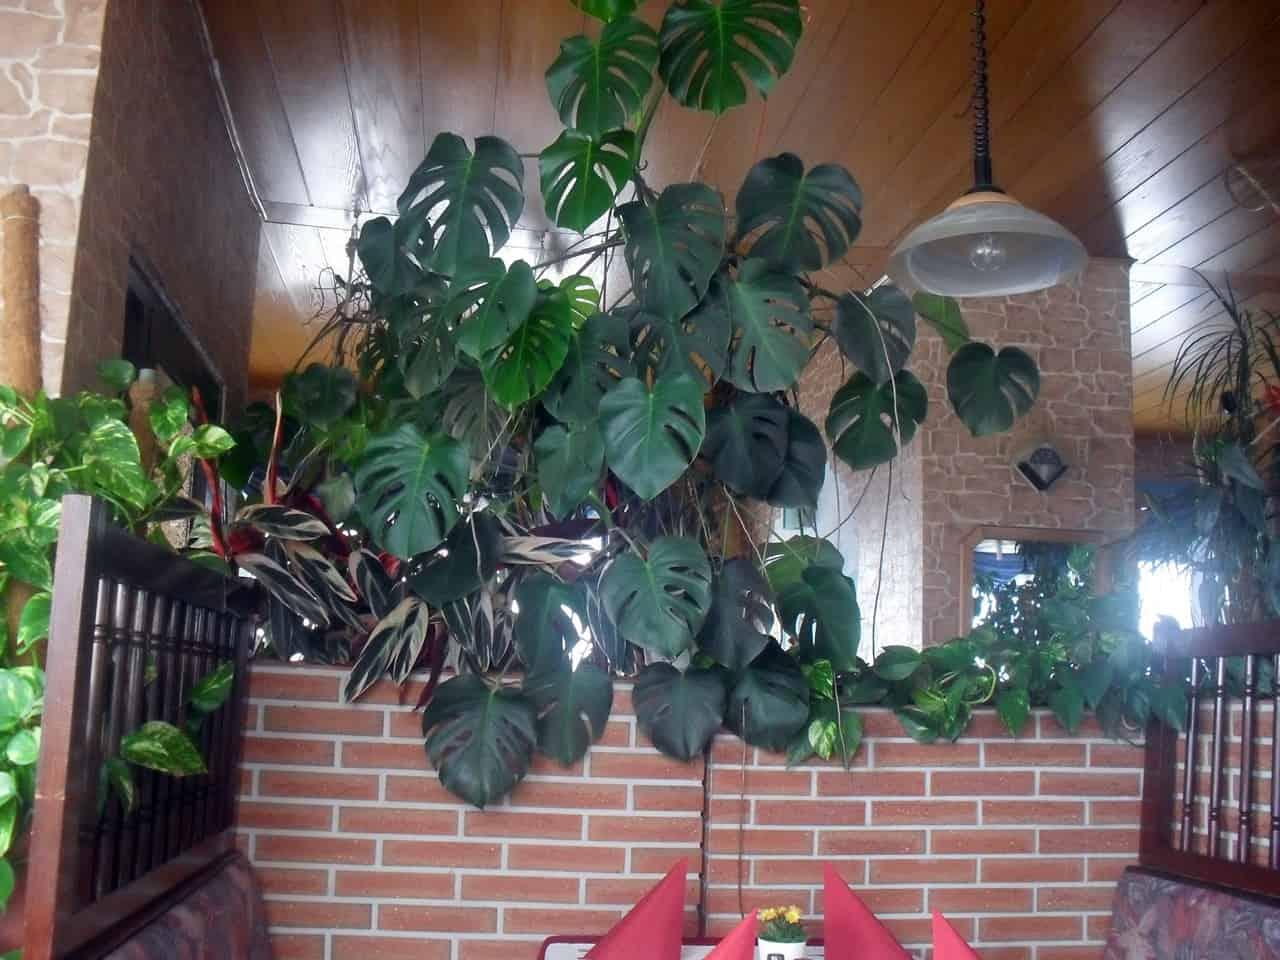 Viele echte Grünpflanzen